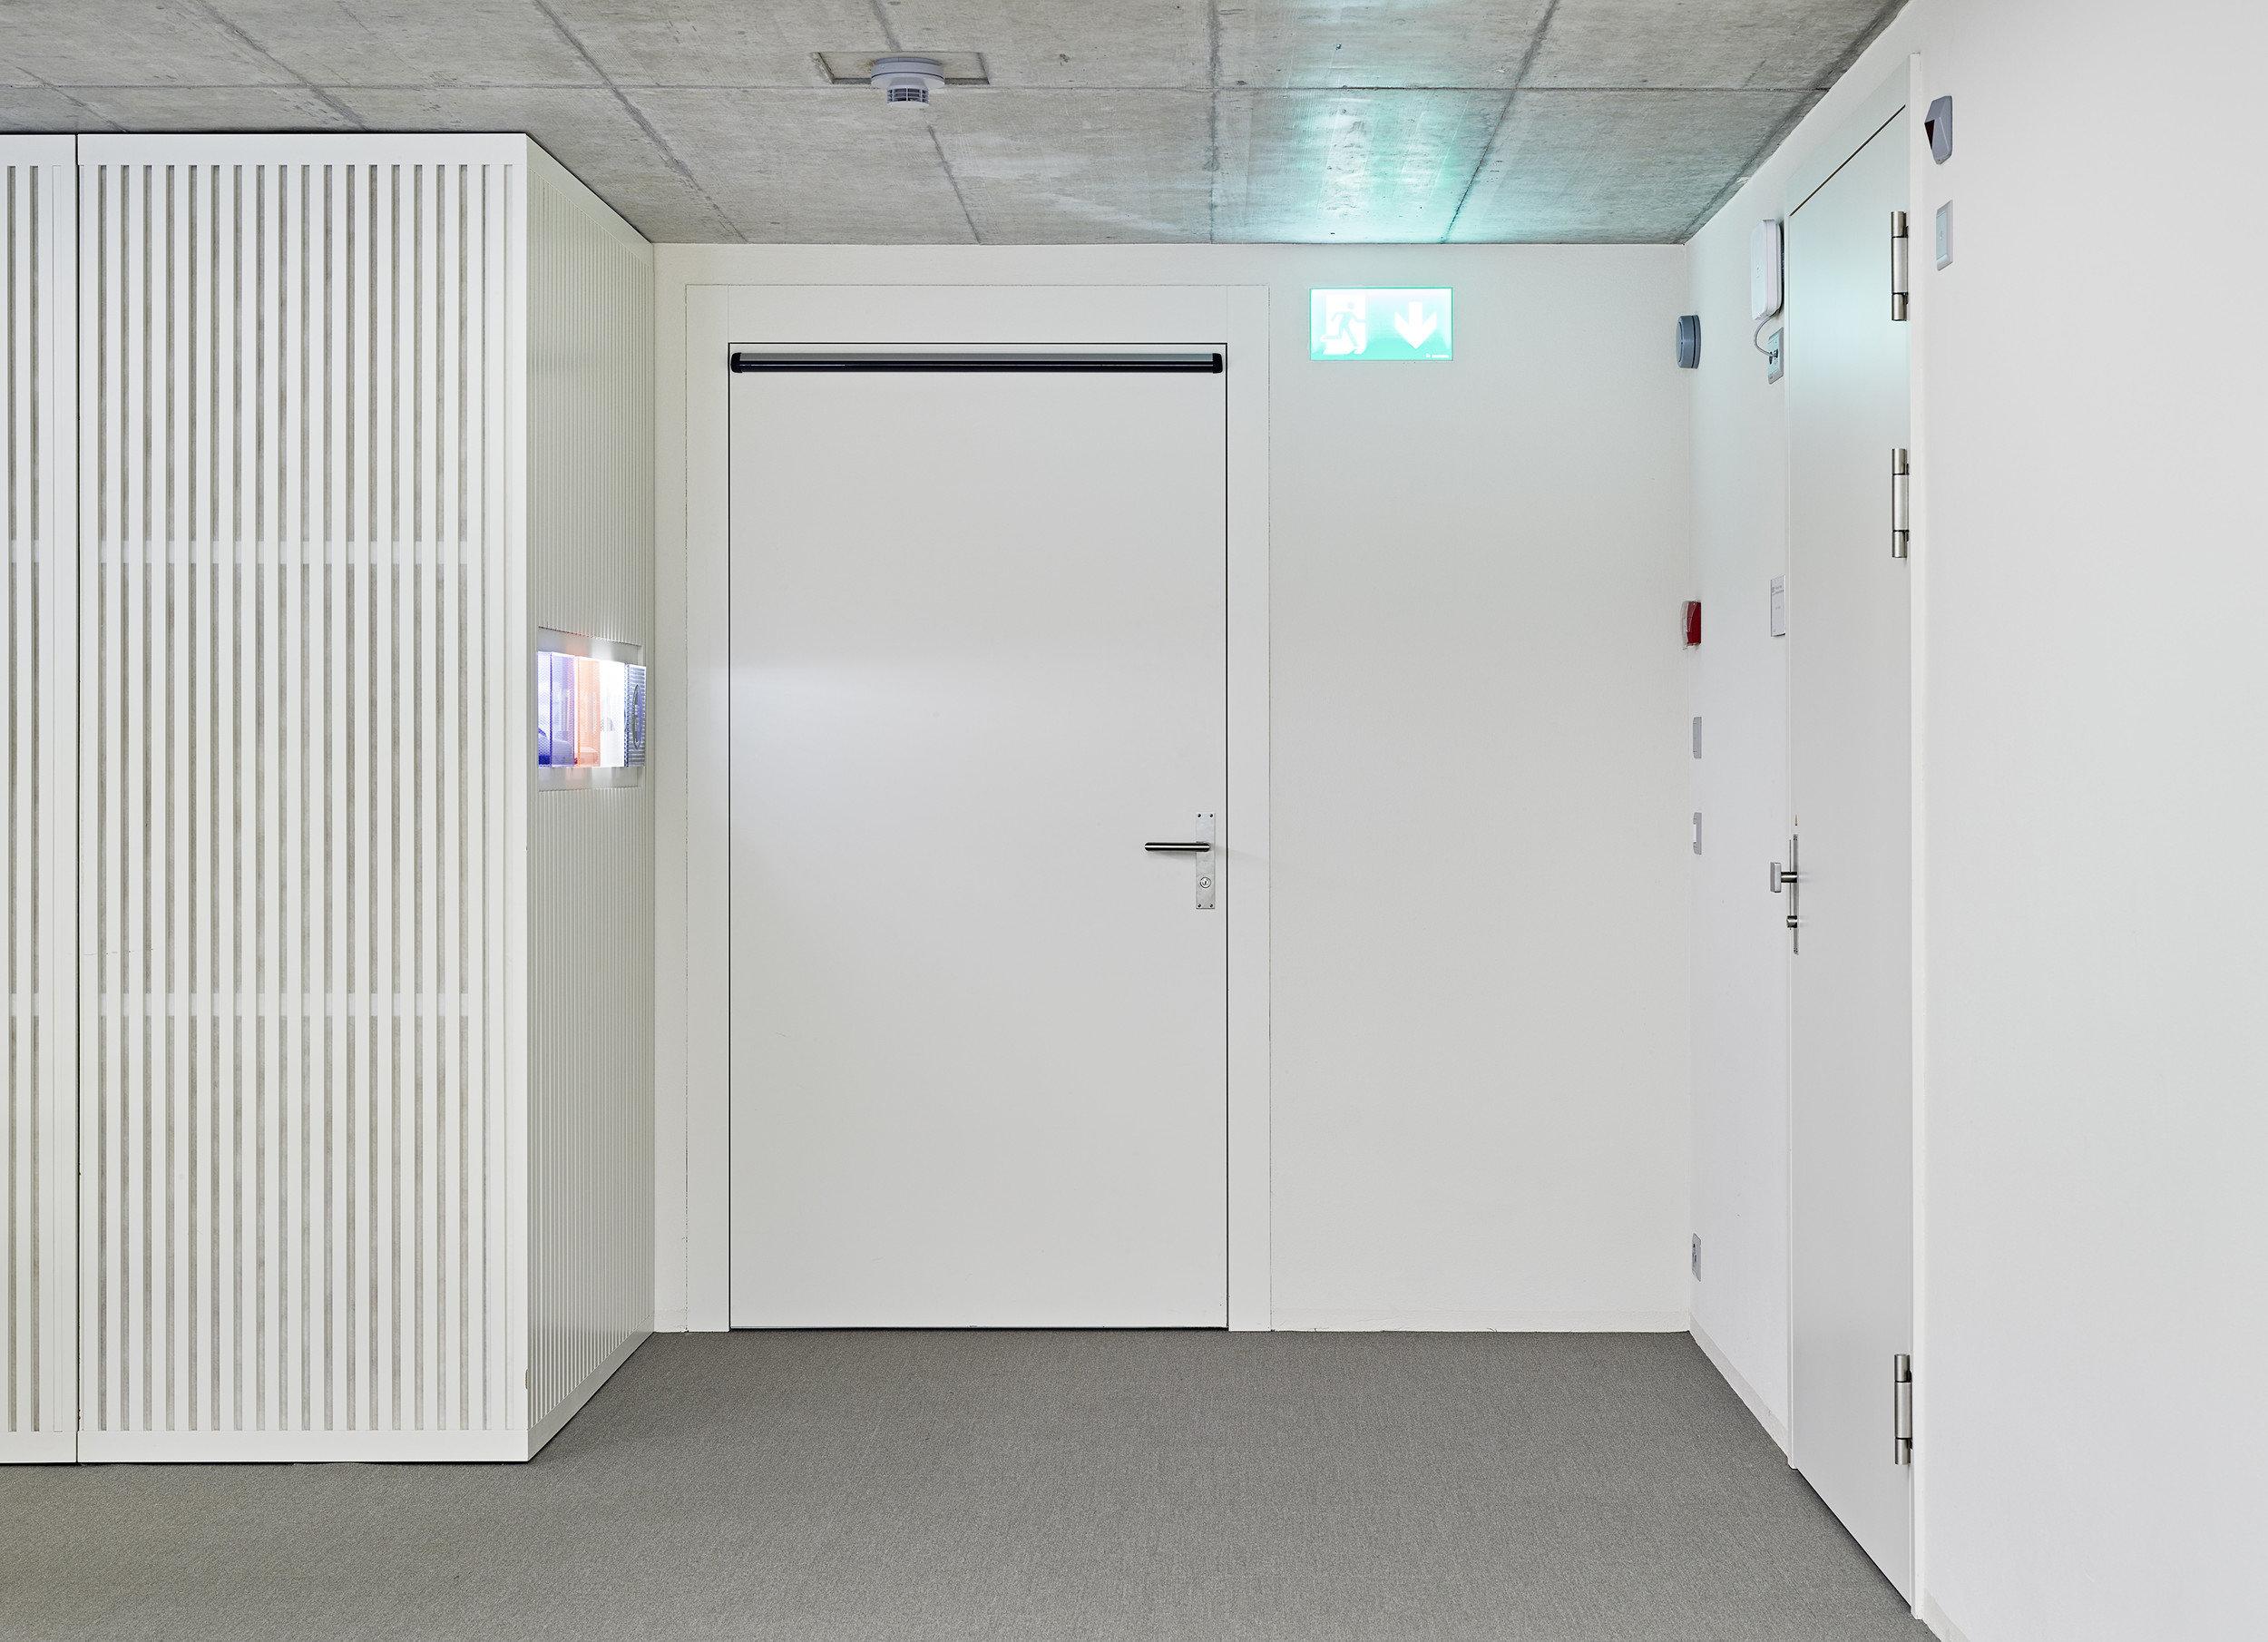 Flurteil mit geschlossener Tür